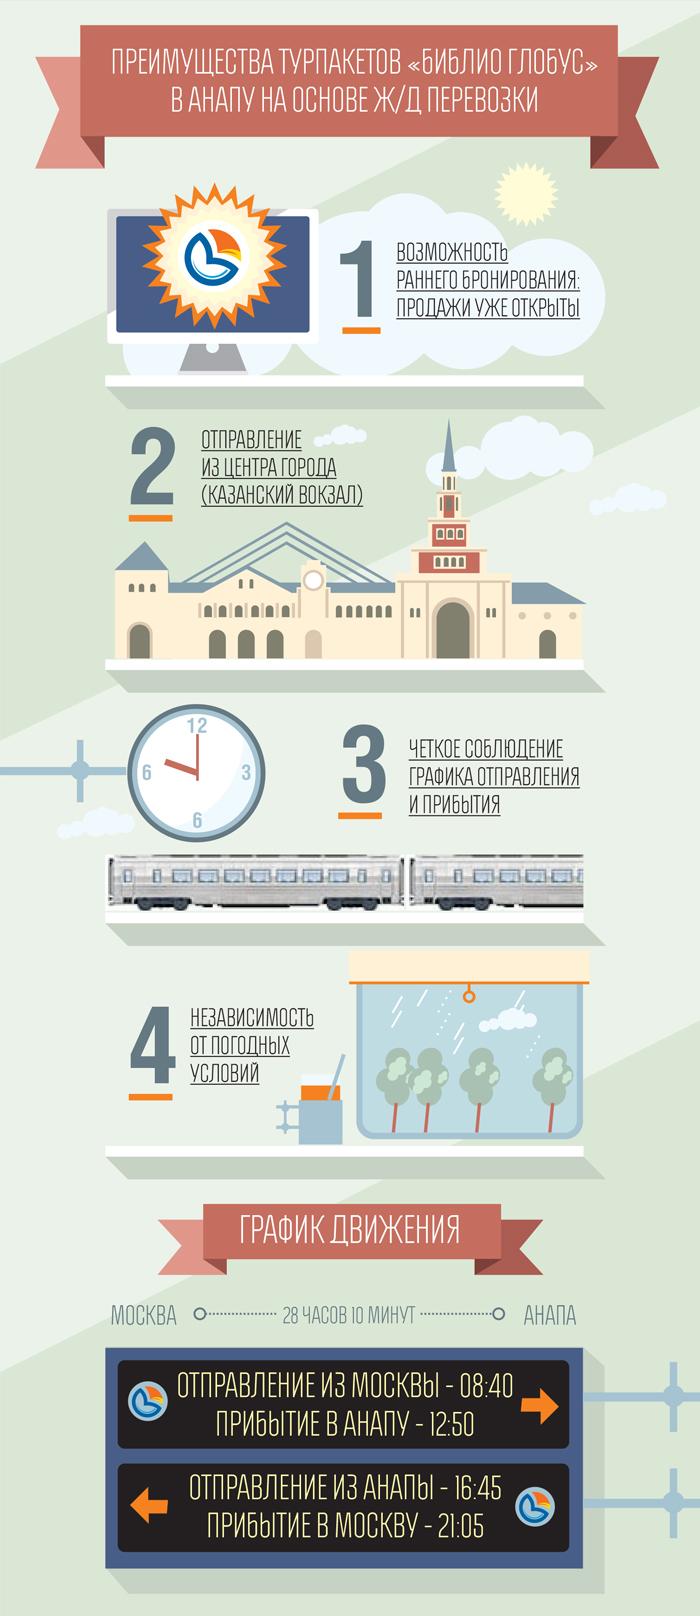 Чемодан, вокзал… Анапа!